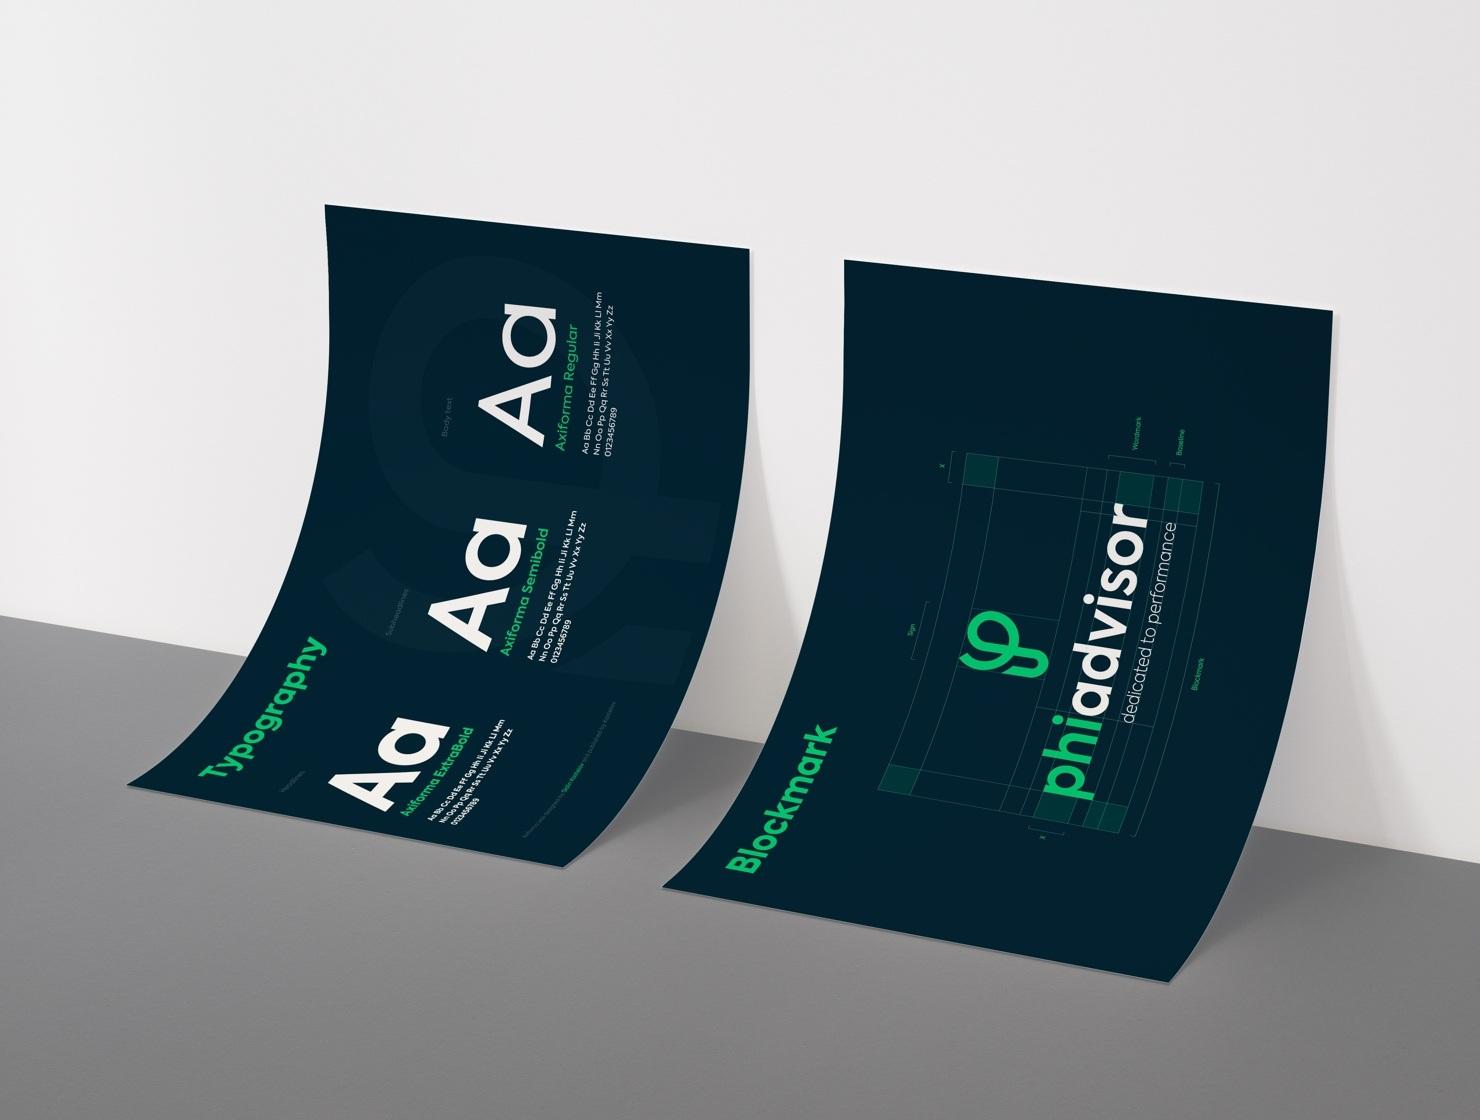 Phiadvisor par Agence Web Kernix - Identité visuelle